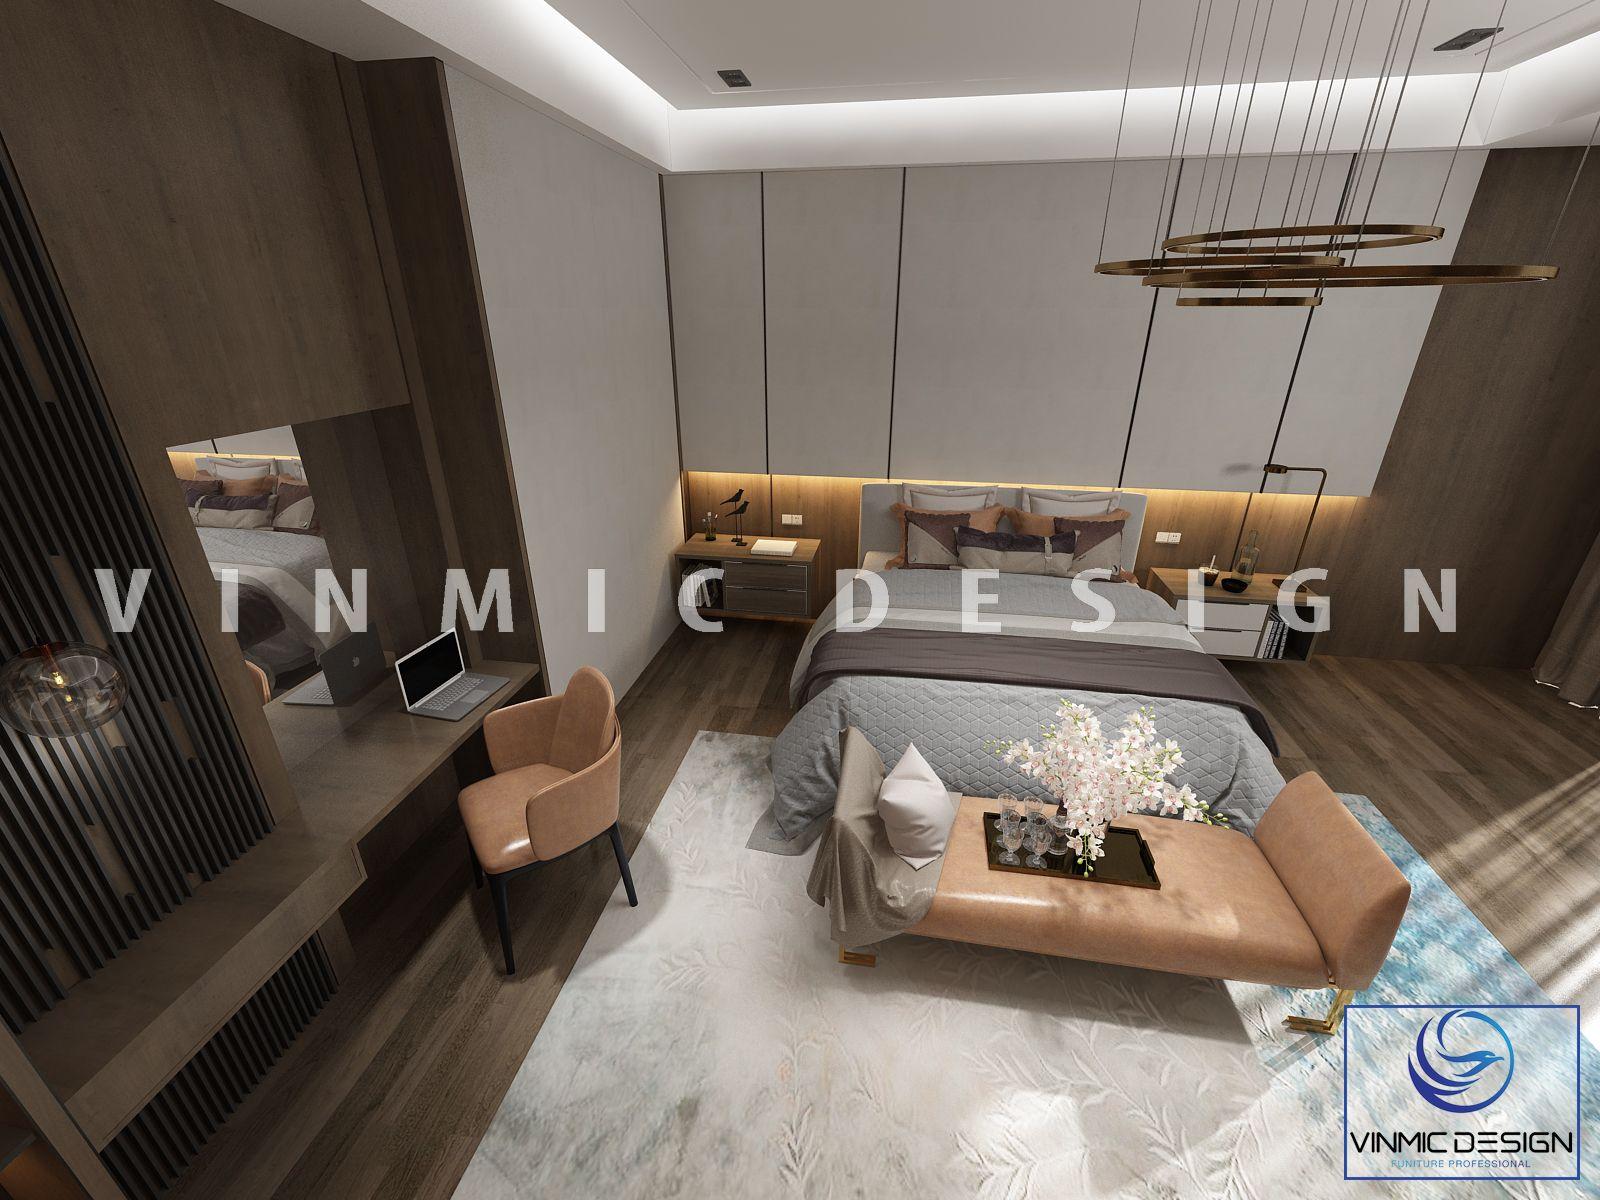 Thiết kế nội thất phòng ngủ sang trọng, hiện đại